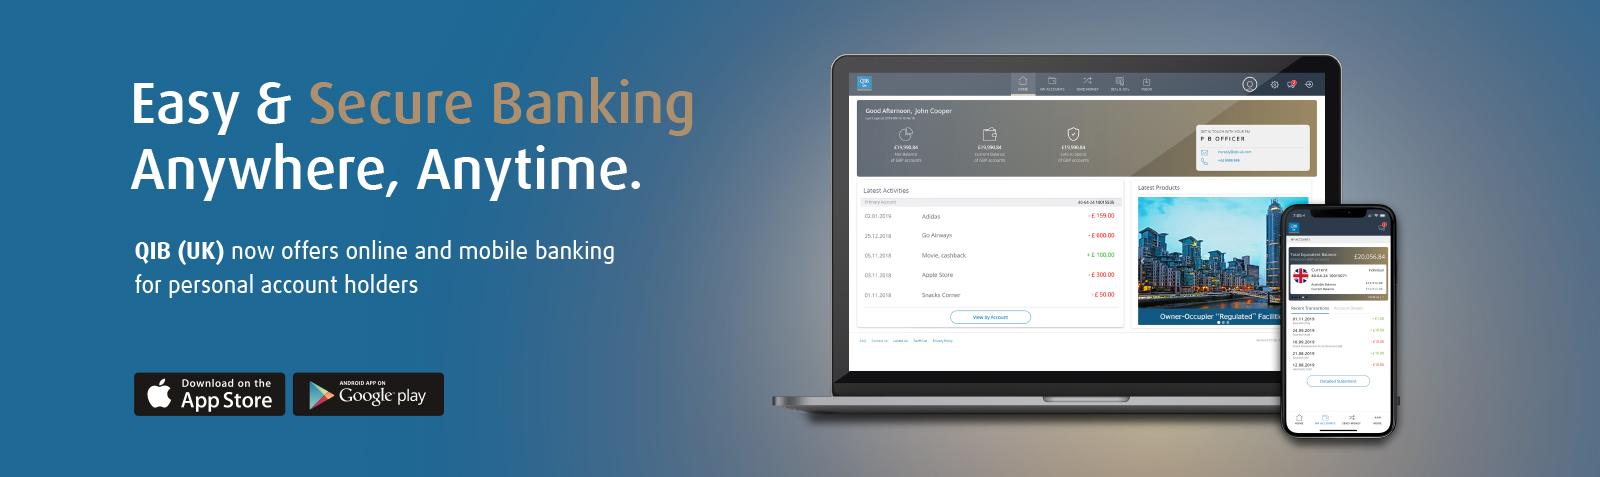 Mobile banking slider